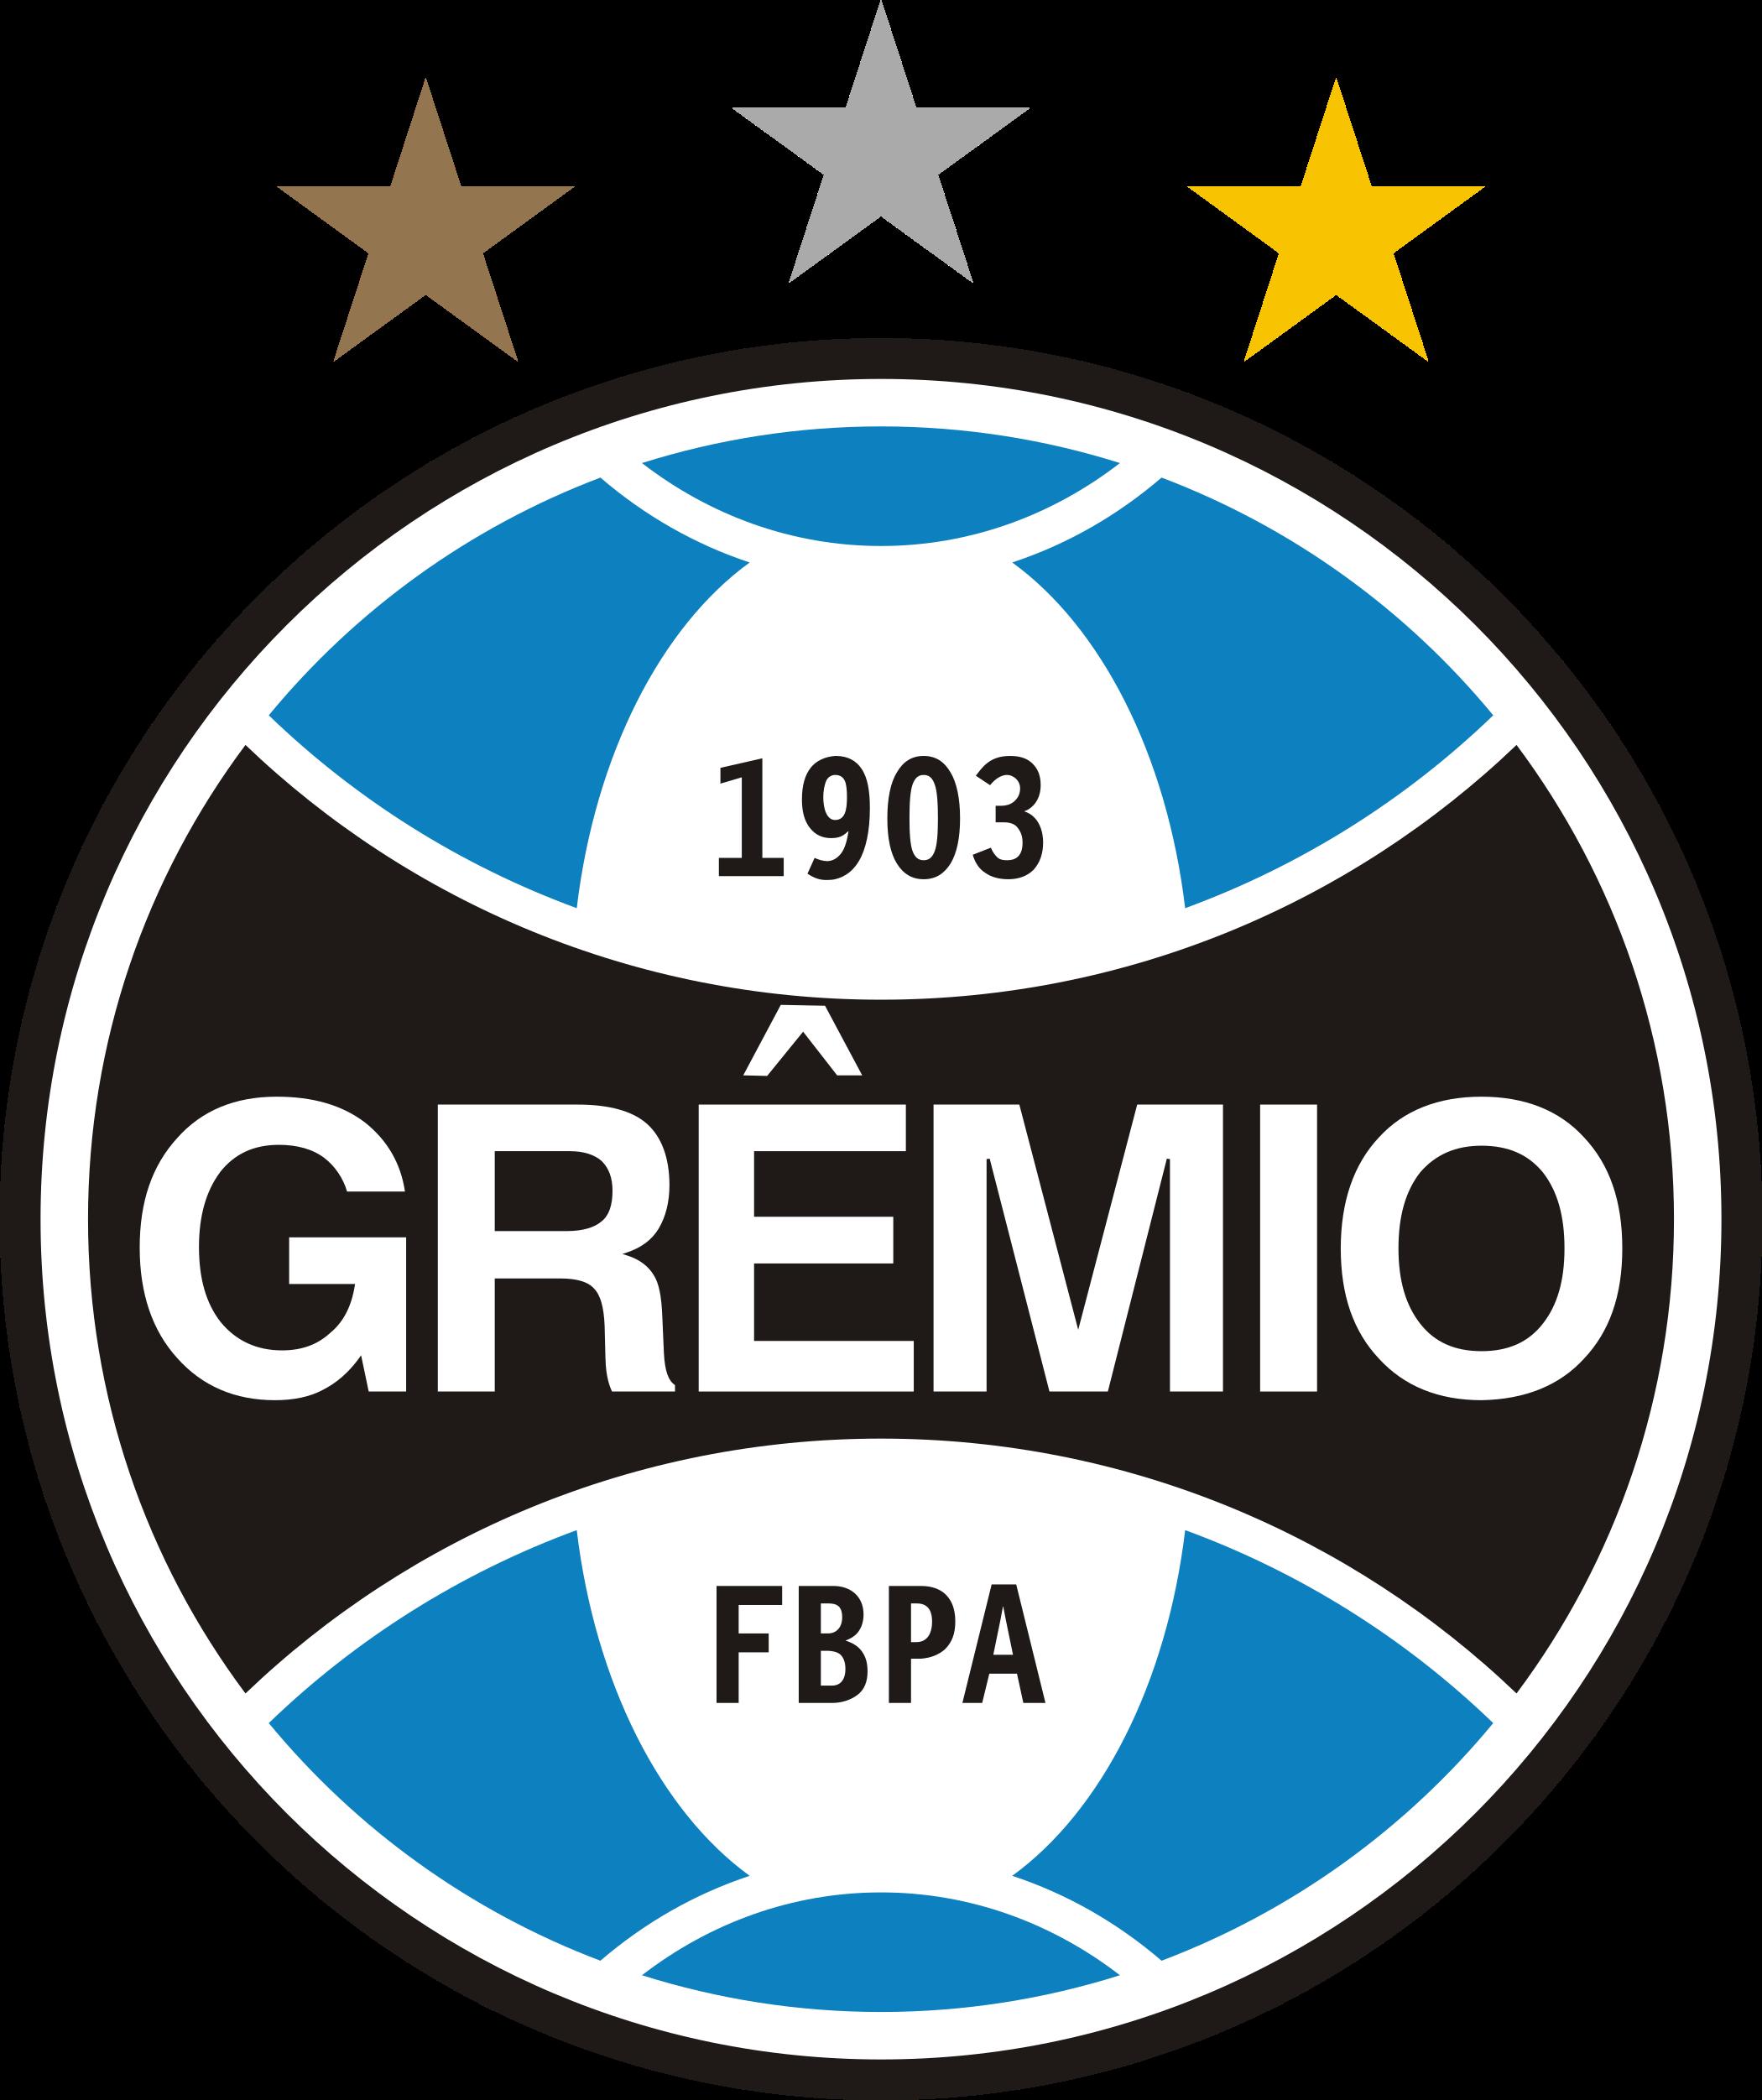 gremio logo escudo 1 - Grêmio Logo – Escudo